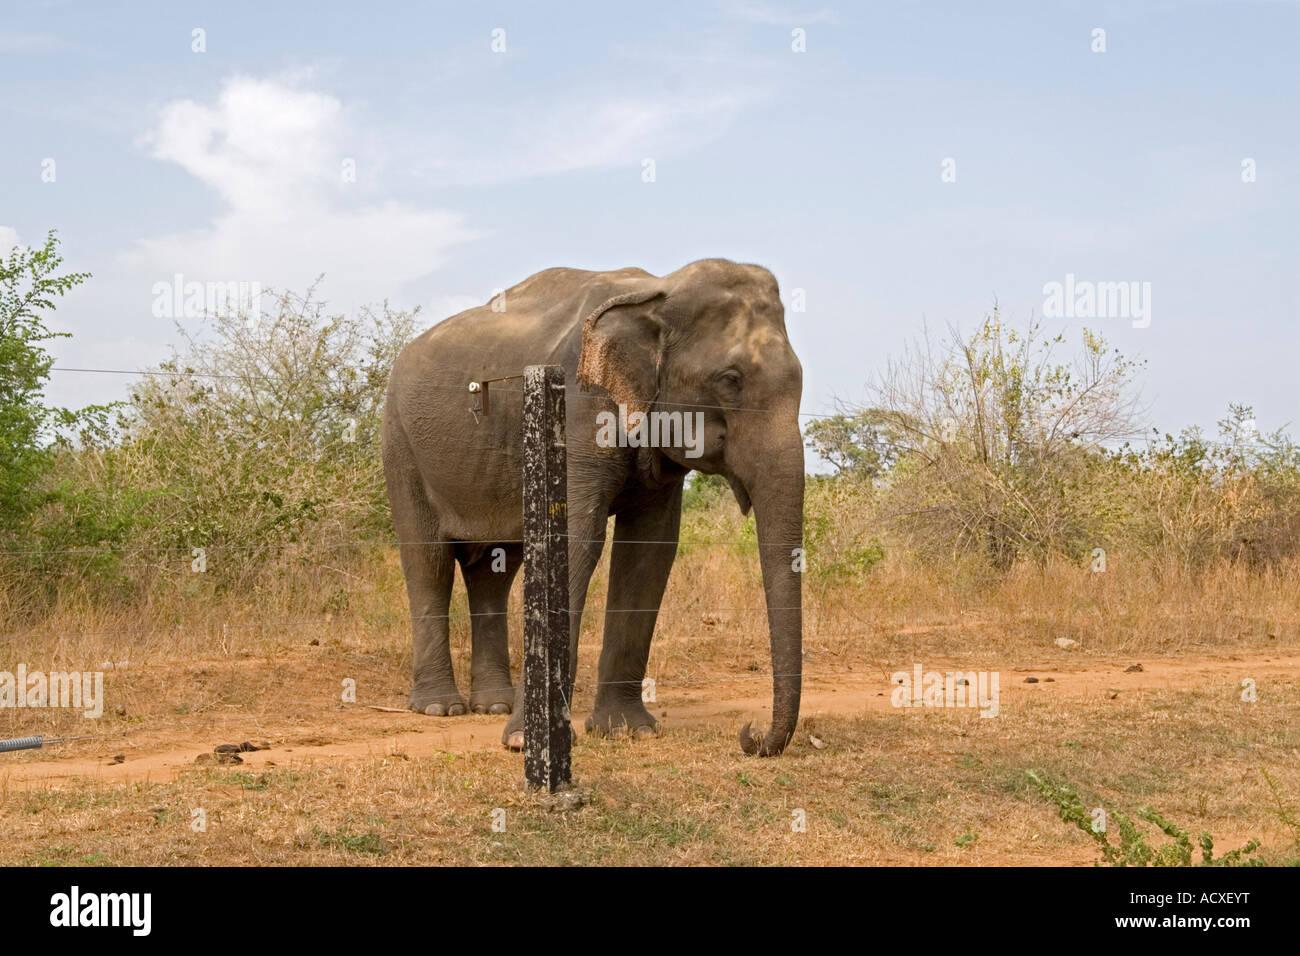 Elephant at Electric Fence, Uda Walawe National Park, Sri Lanka. - Stock Image